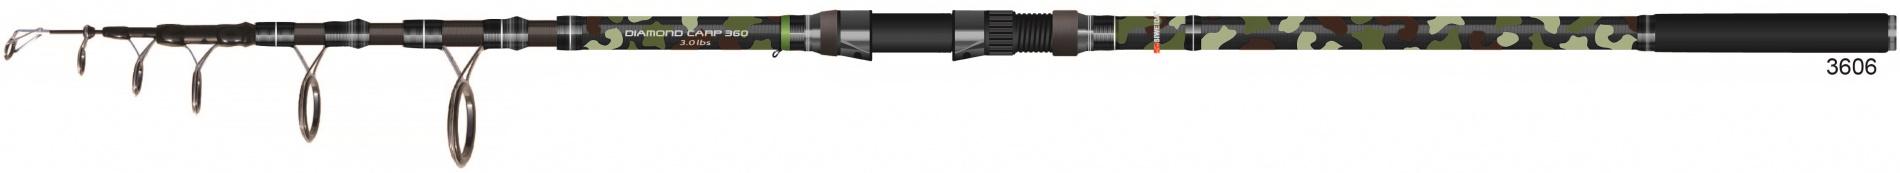 Удилище карповое тел. SWD Diamond Carp 3,6м 3,0 lbs Удилища карповые<br>Мощное карповое телескопическое удилище. <br>Длина 3,6м. Материал изготовления бланка <br>удилища – карбон IM7. Комплектуется мощними <br>кольцами SIC и разнесенной рукоятью из EVA. <br>Обладает классическим параболическим строем, <br>позволяющим делать дальние забросы тяжелых <br>оснасток. Предназначено для ловли карпа <br>и другой крупной рыбы с использованием <br>тяжелых оснасток.<br>